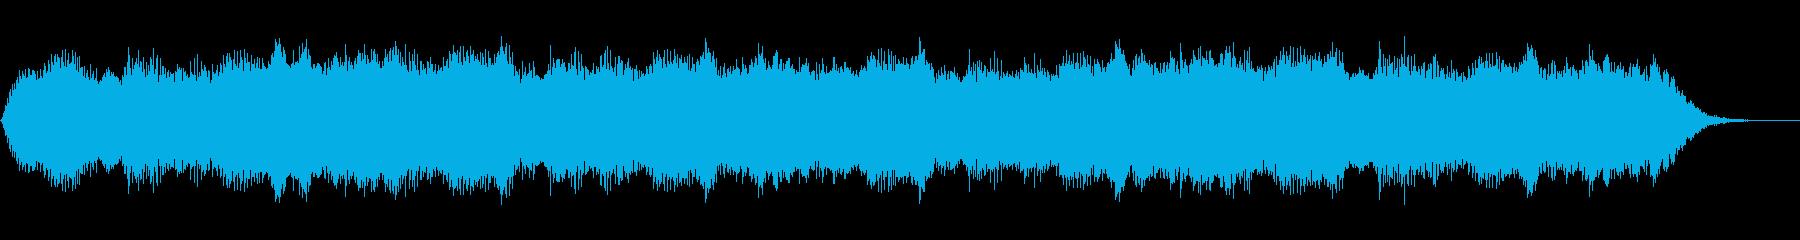 重く耳障りな旋律の再生済みの波形